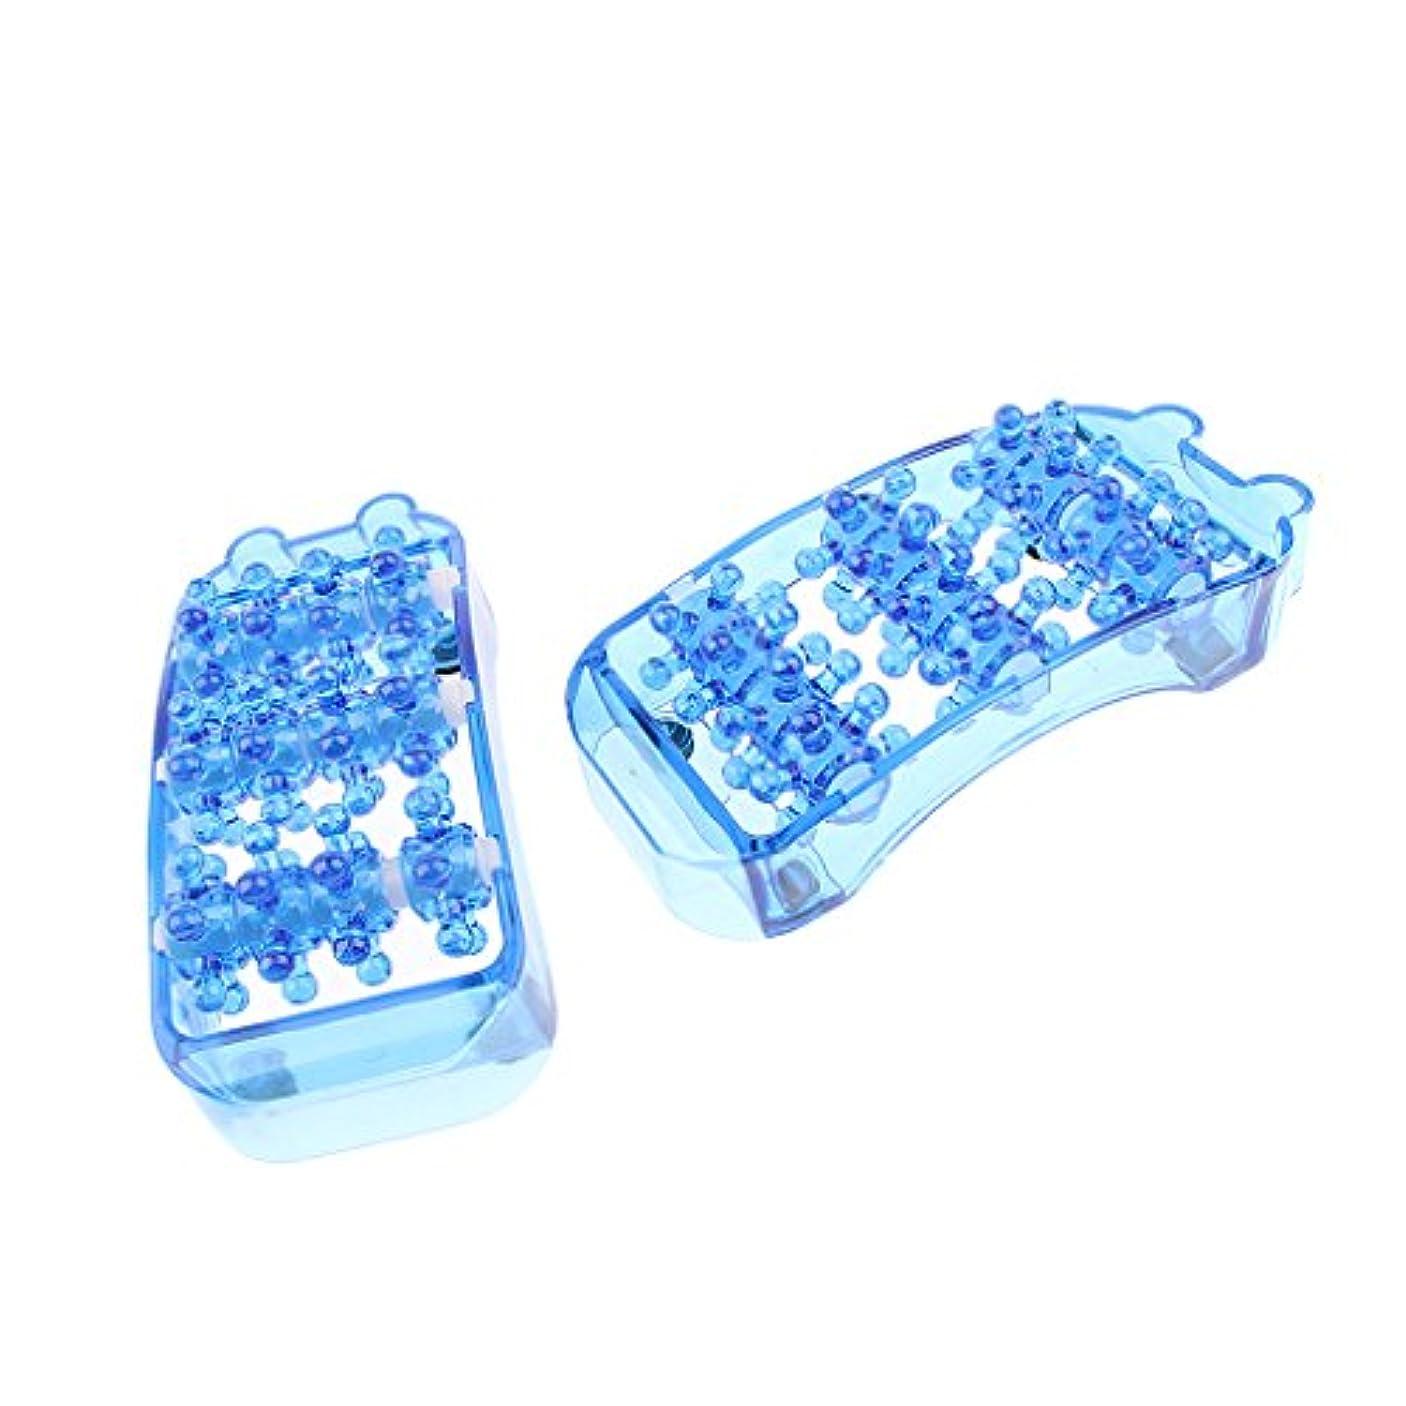 バラバラにする学部長変換するマッサージローラー 足 マッサージャー トリガーポイント フットケア 健康器具 全3色 - 青